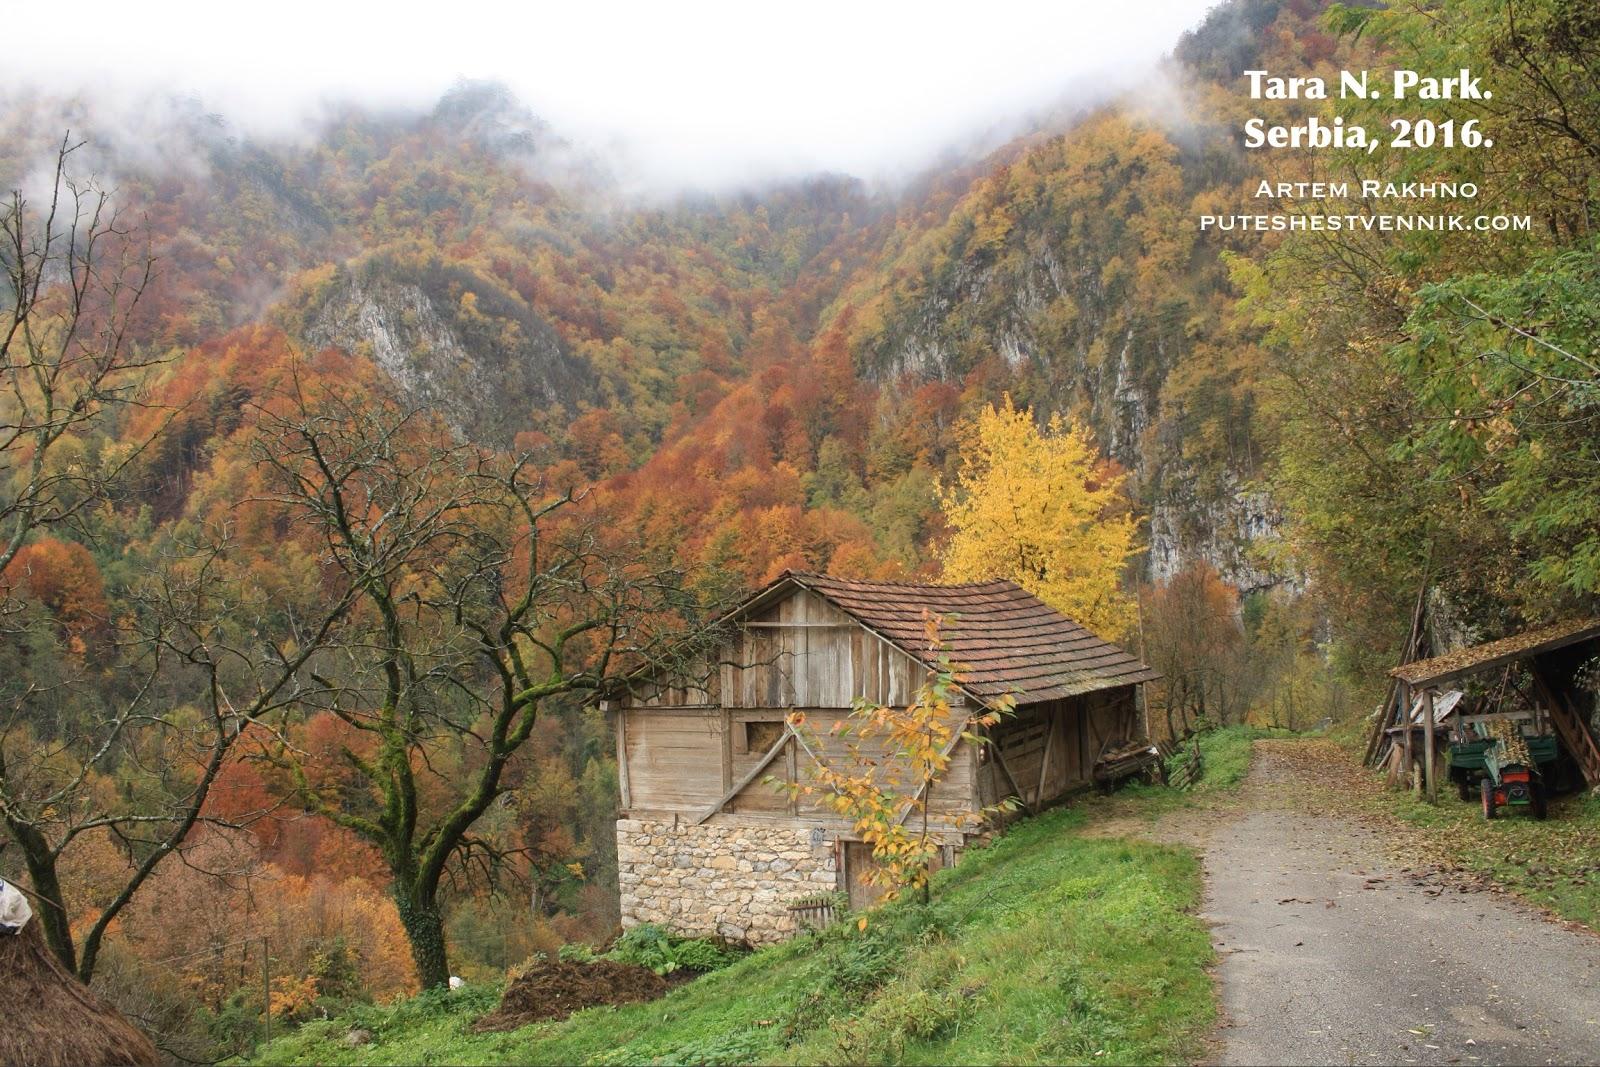 Дом и осень в Сербии